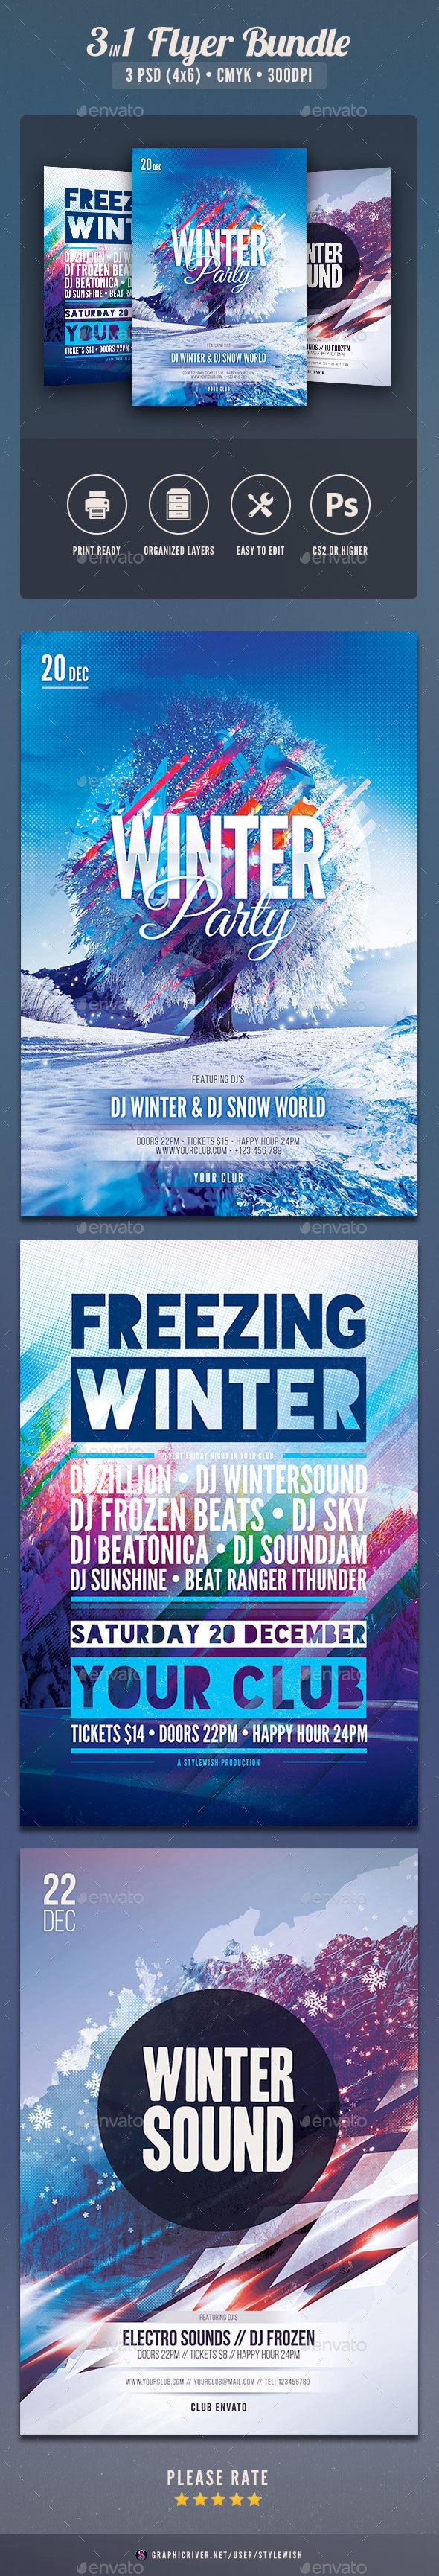 GraphicRiver Winter Flyer Bundle Vol.02 21047955